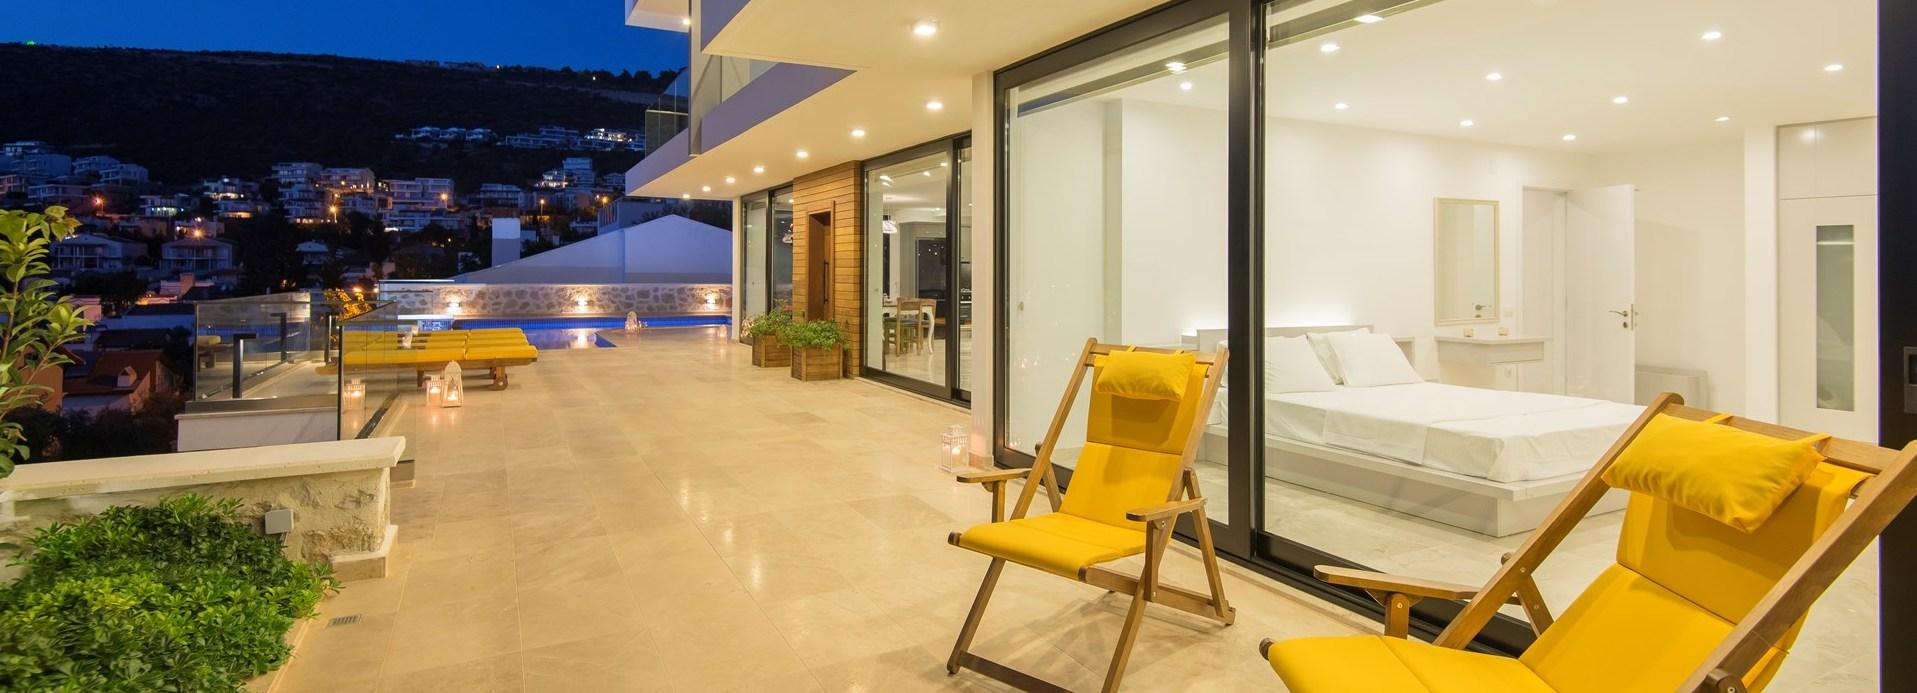 villa-kalamar-pool-terrace